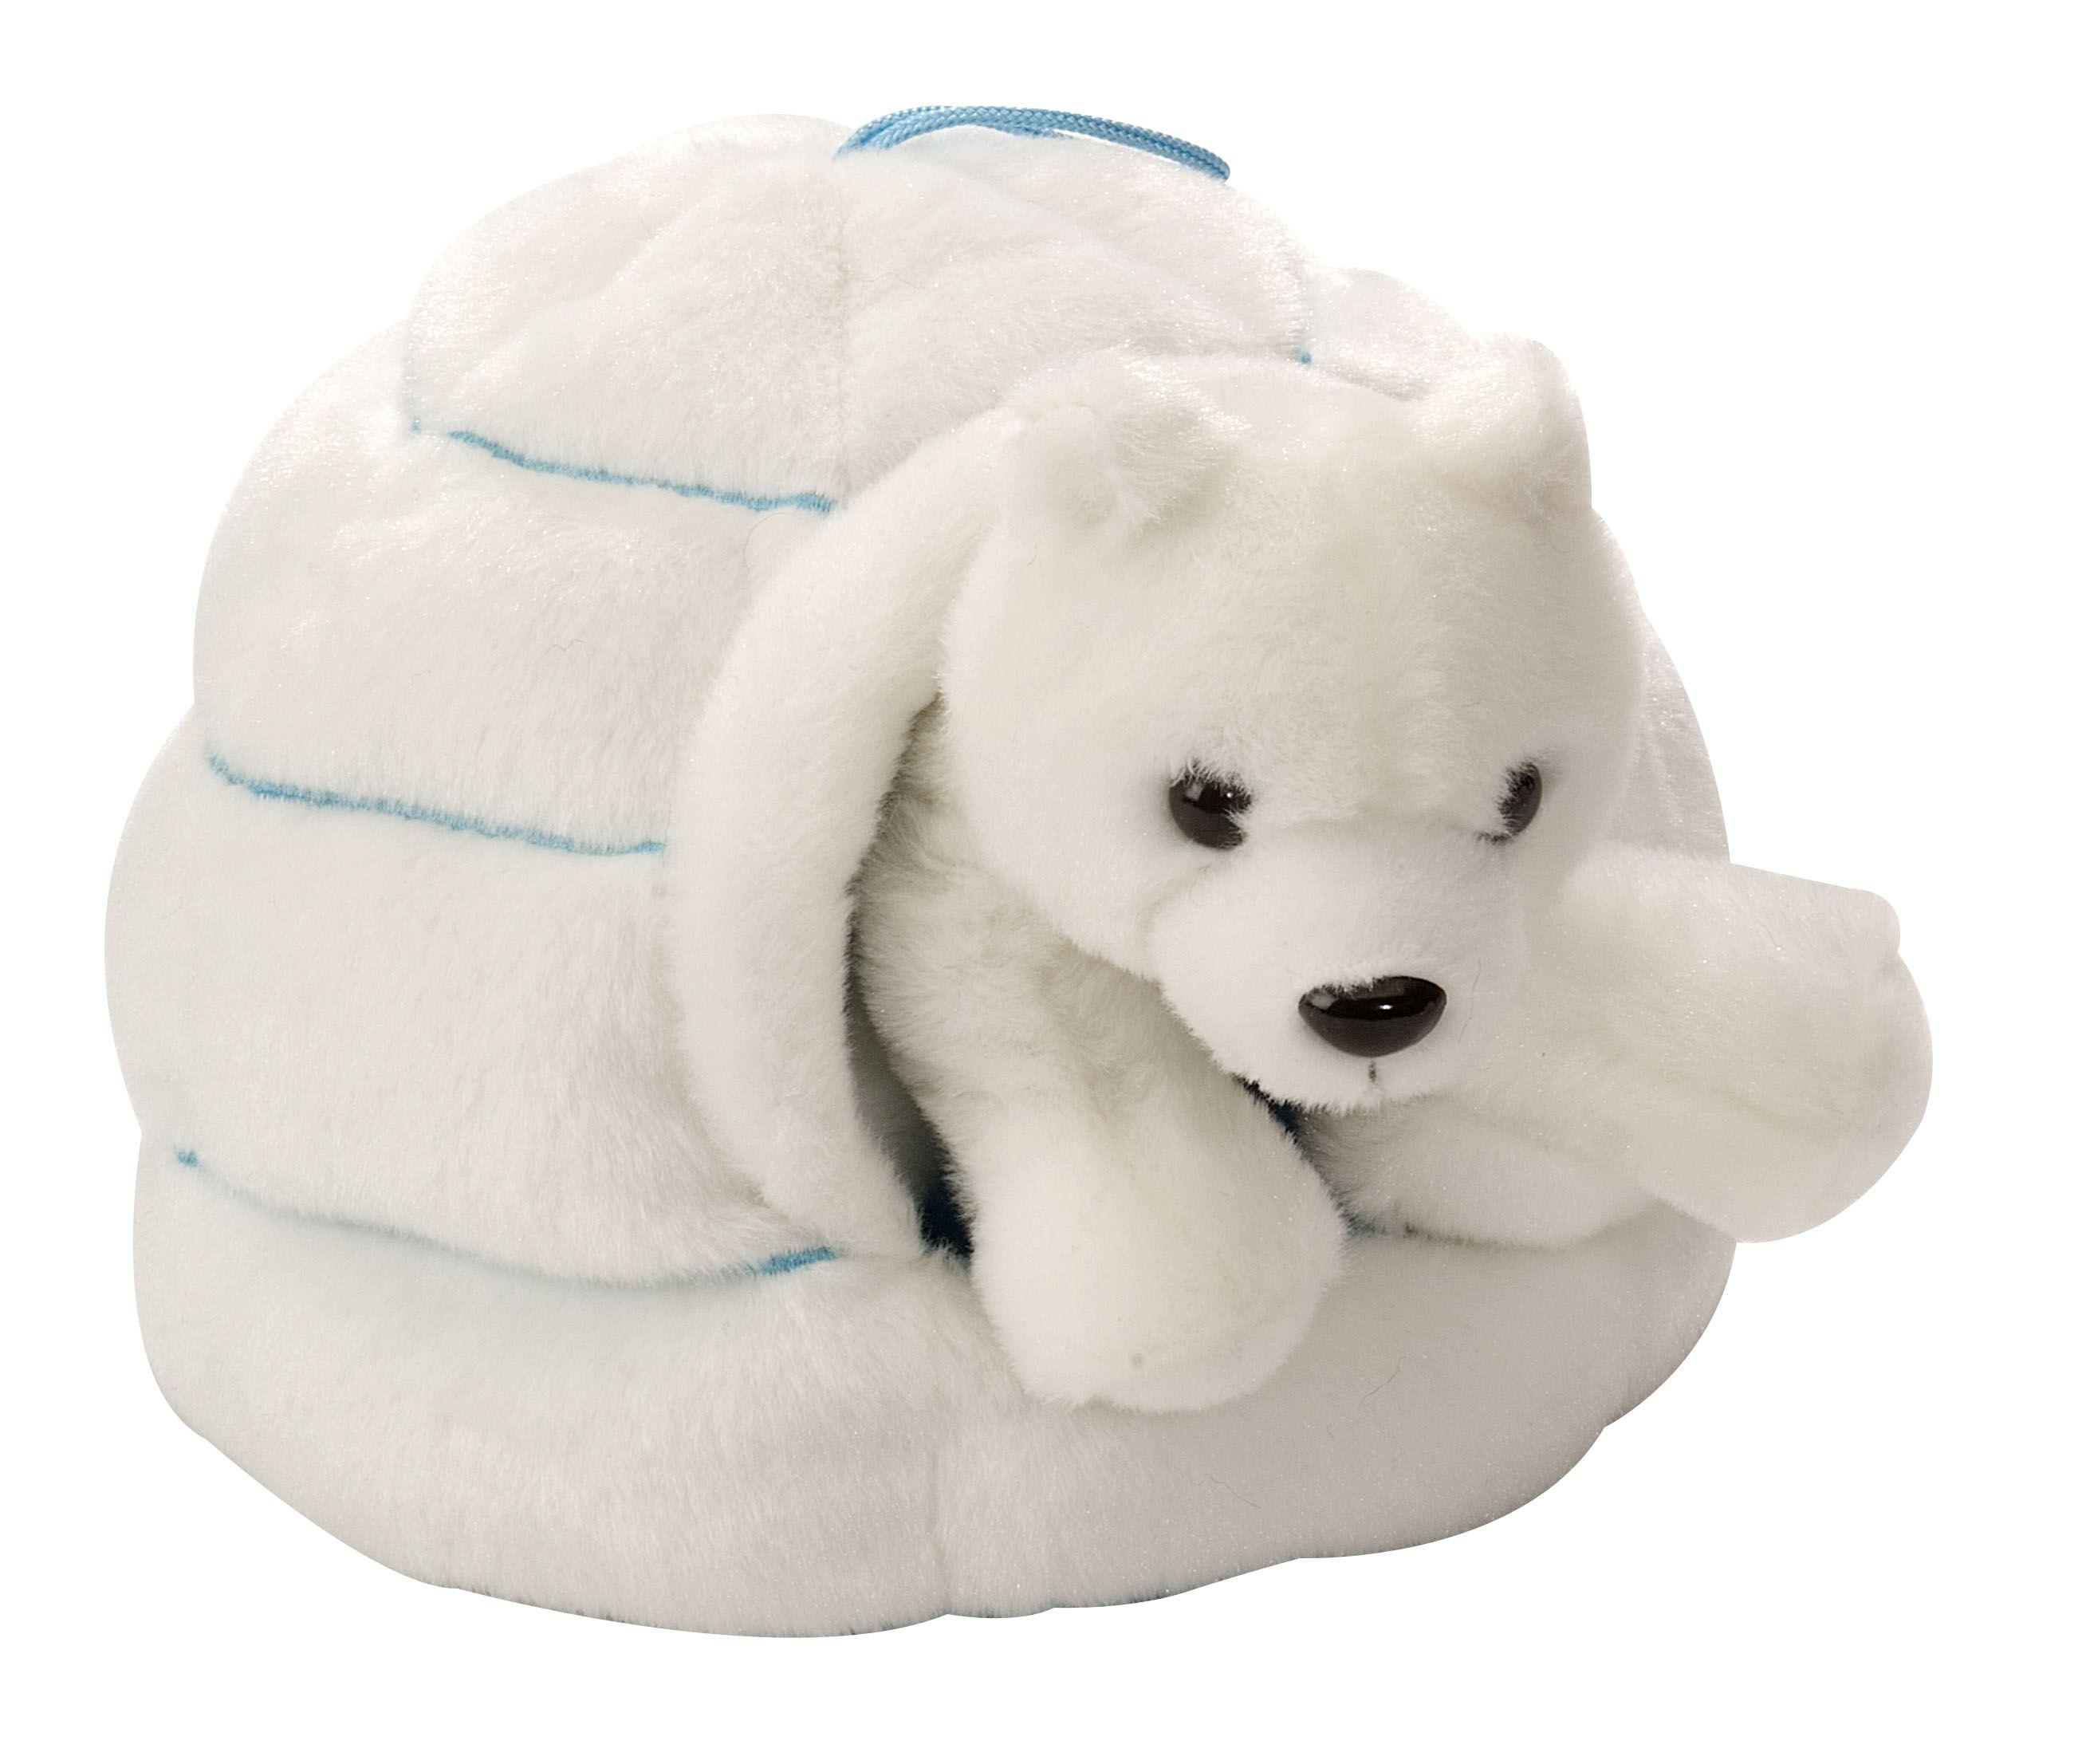 Polar Bear & Igloo Plush Polar animals, Artic animals